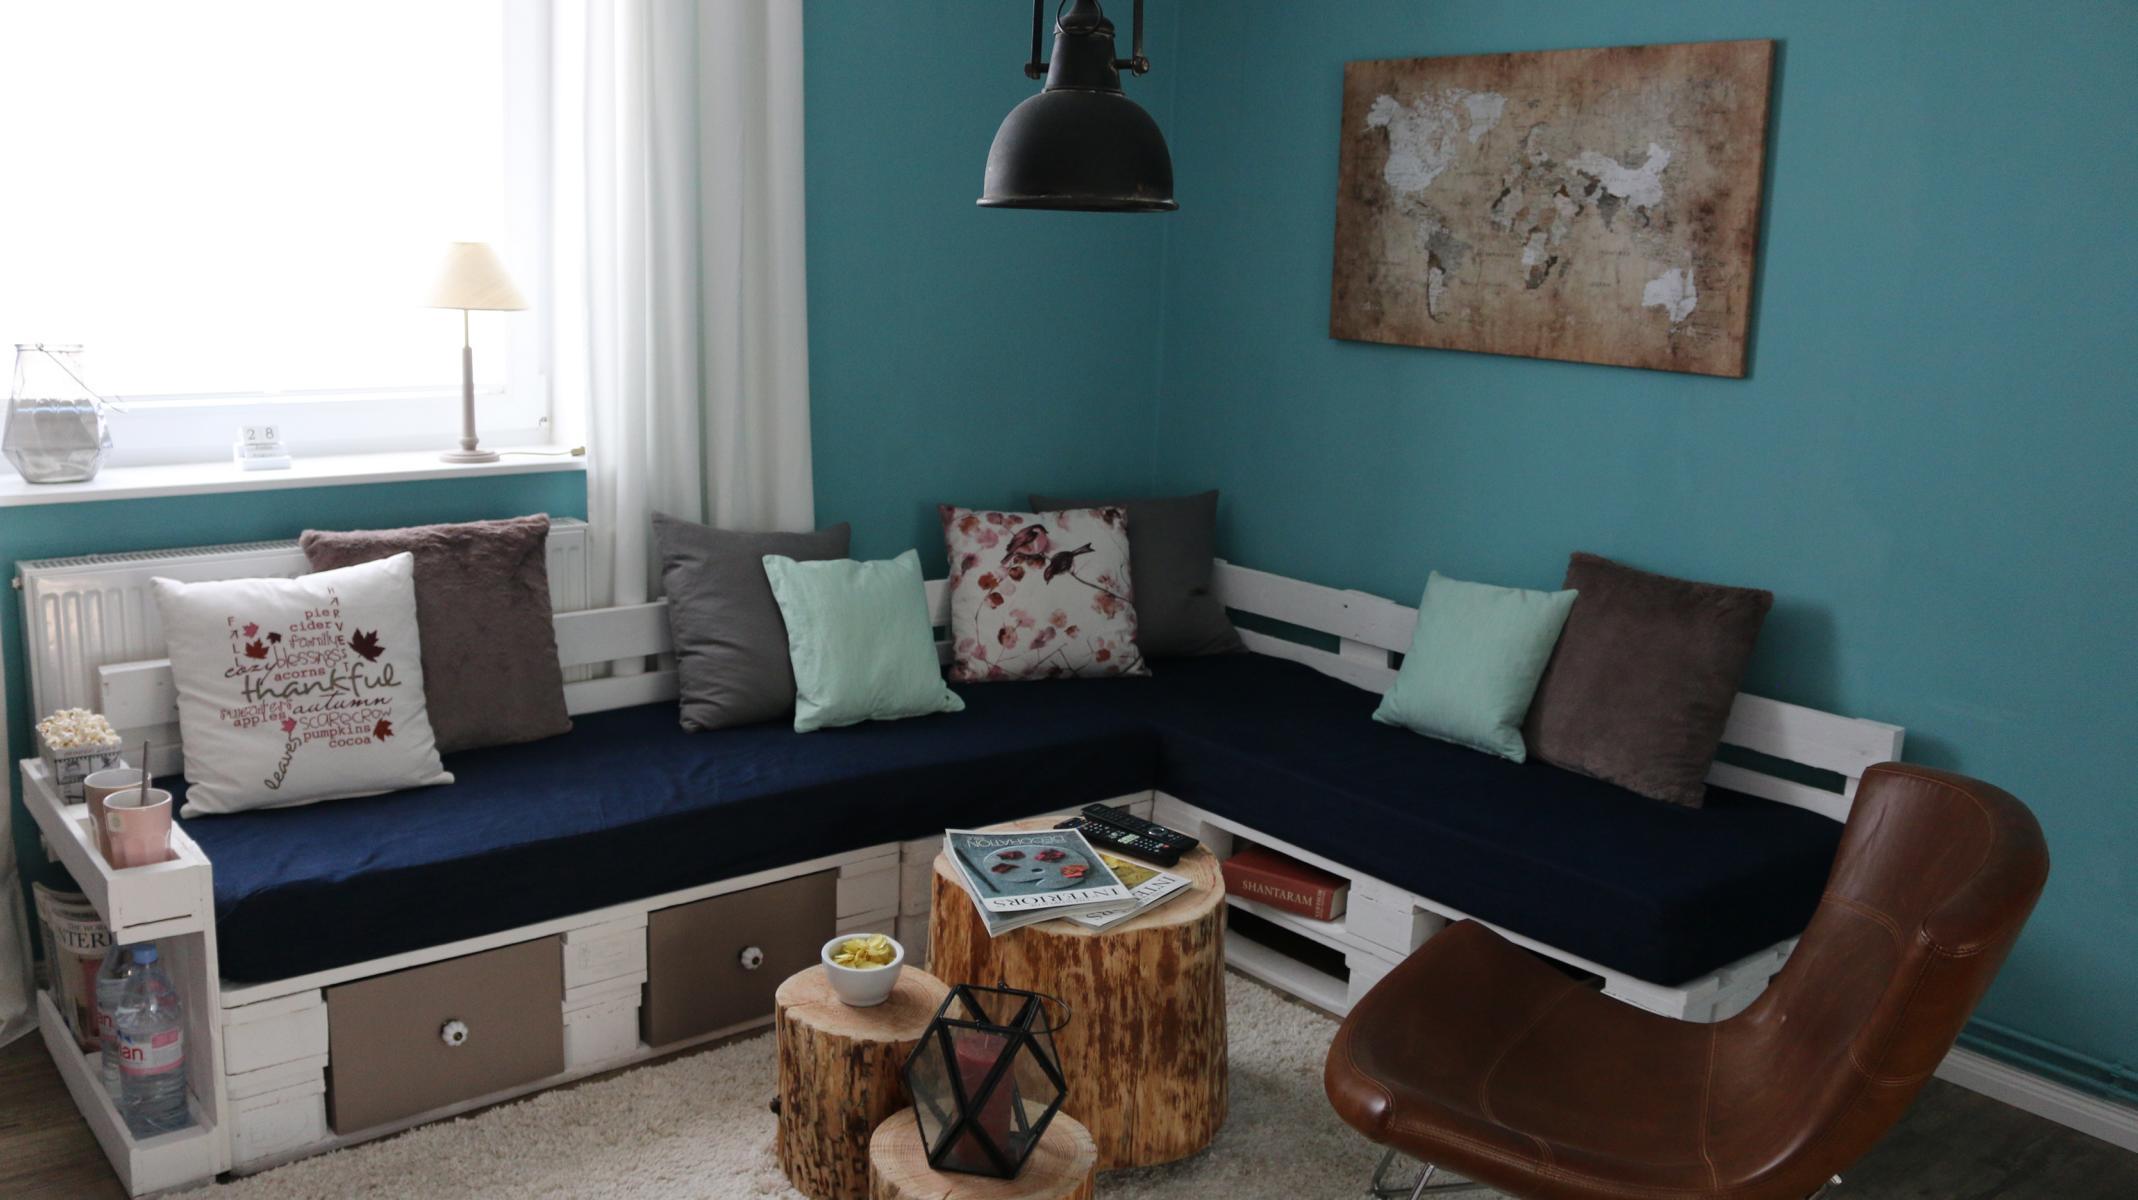 Sofa Aus Paletten Bauen ᐅ palettensofa sofa aus paletten anleitungen ideen shop